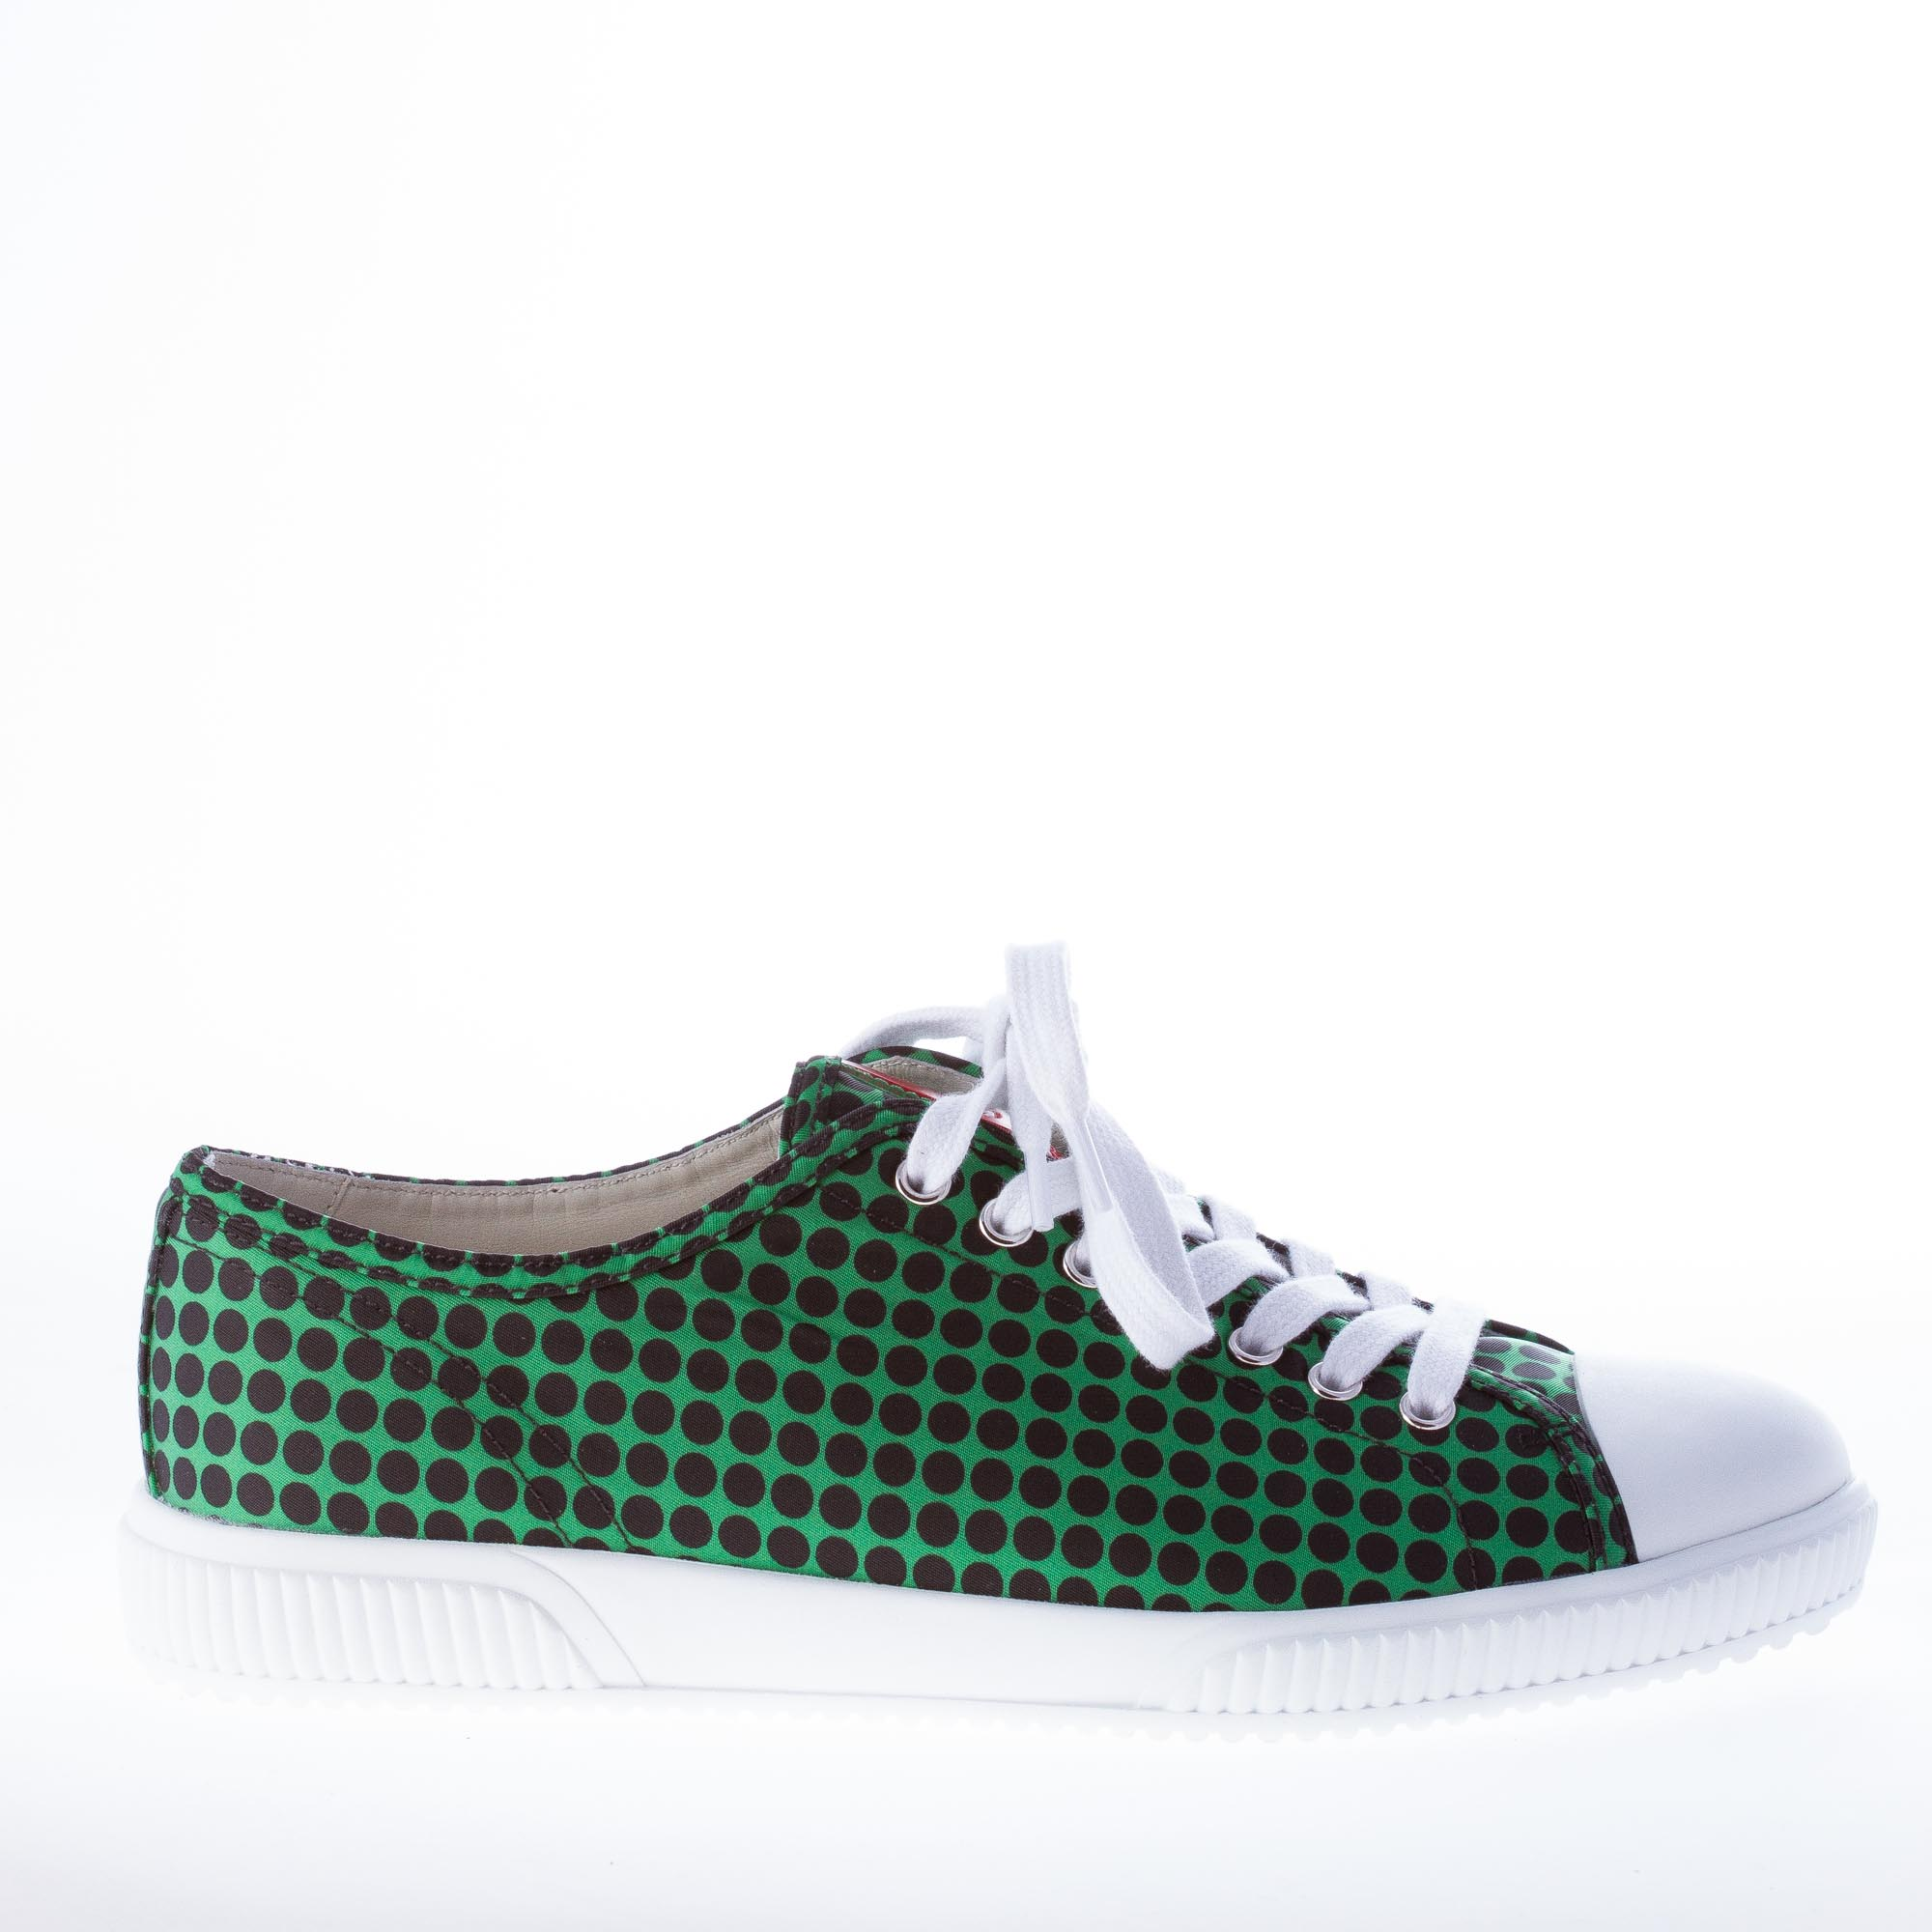 PRADA scarpe uomo men shoes sneaker in con nylon VERDE E NERO con in punta in gomma 9037a4